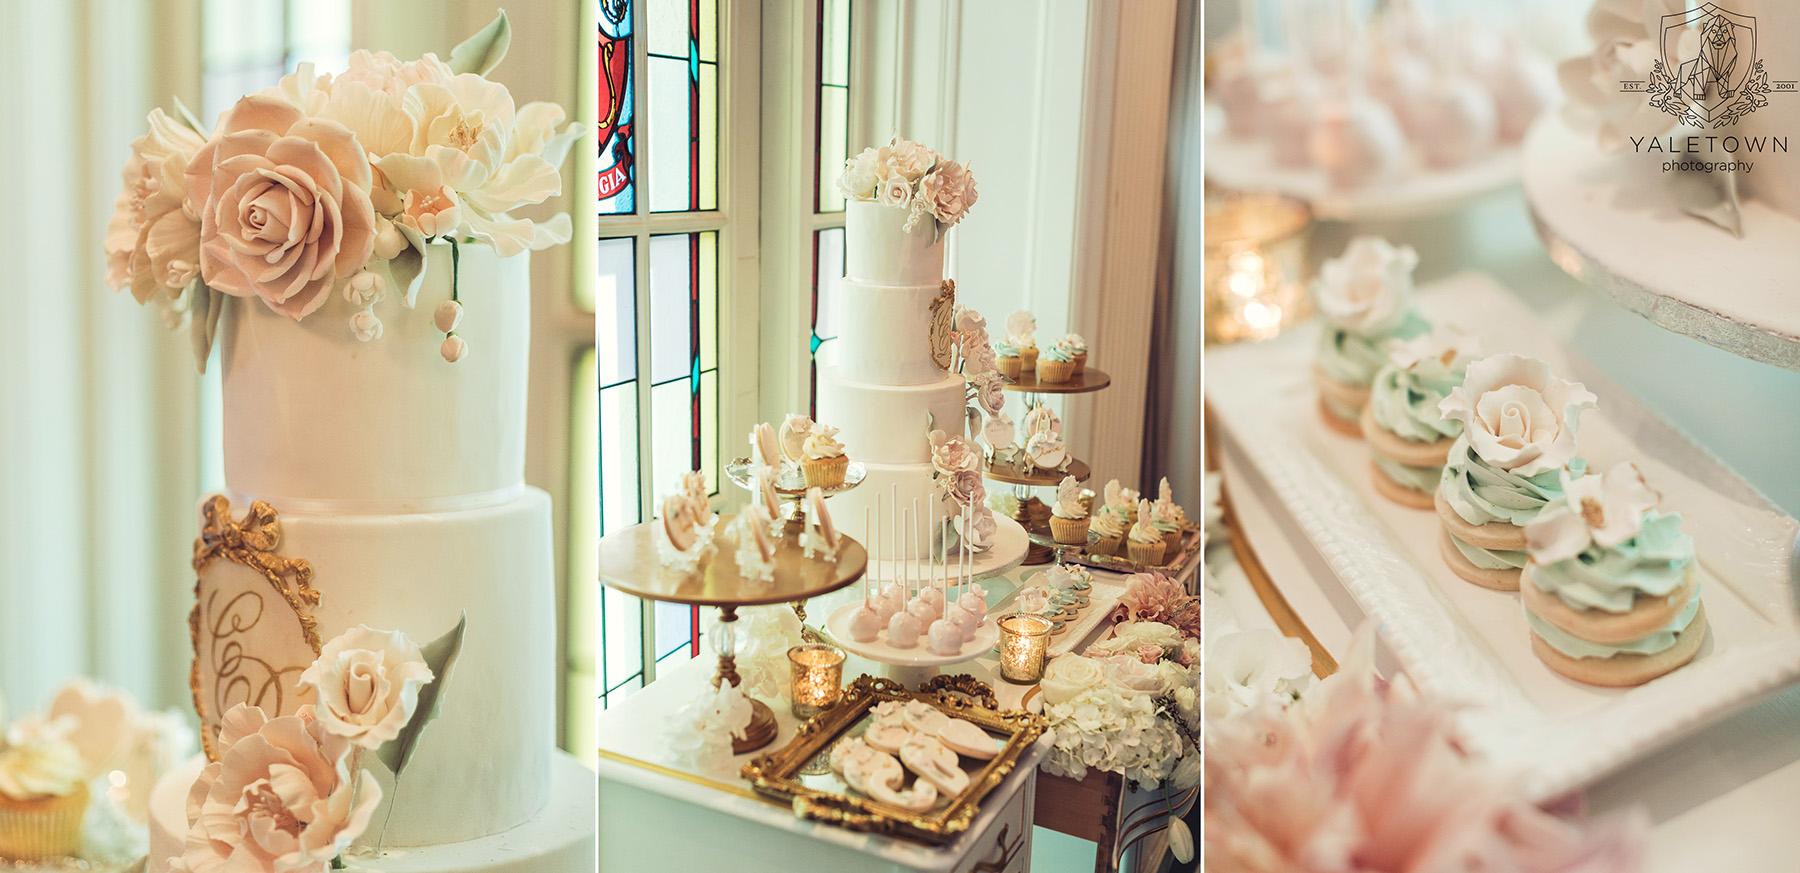 Wedding-Cake-Desserts-Rosewood-Hotel-Georgia-Vancouver-Wedding-Yaletown-Photography-photo